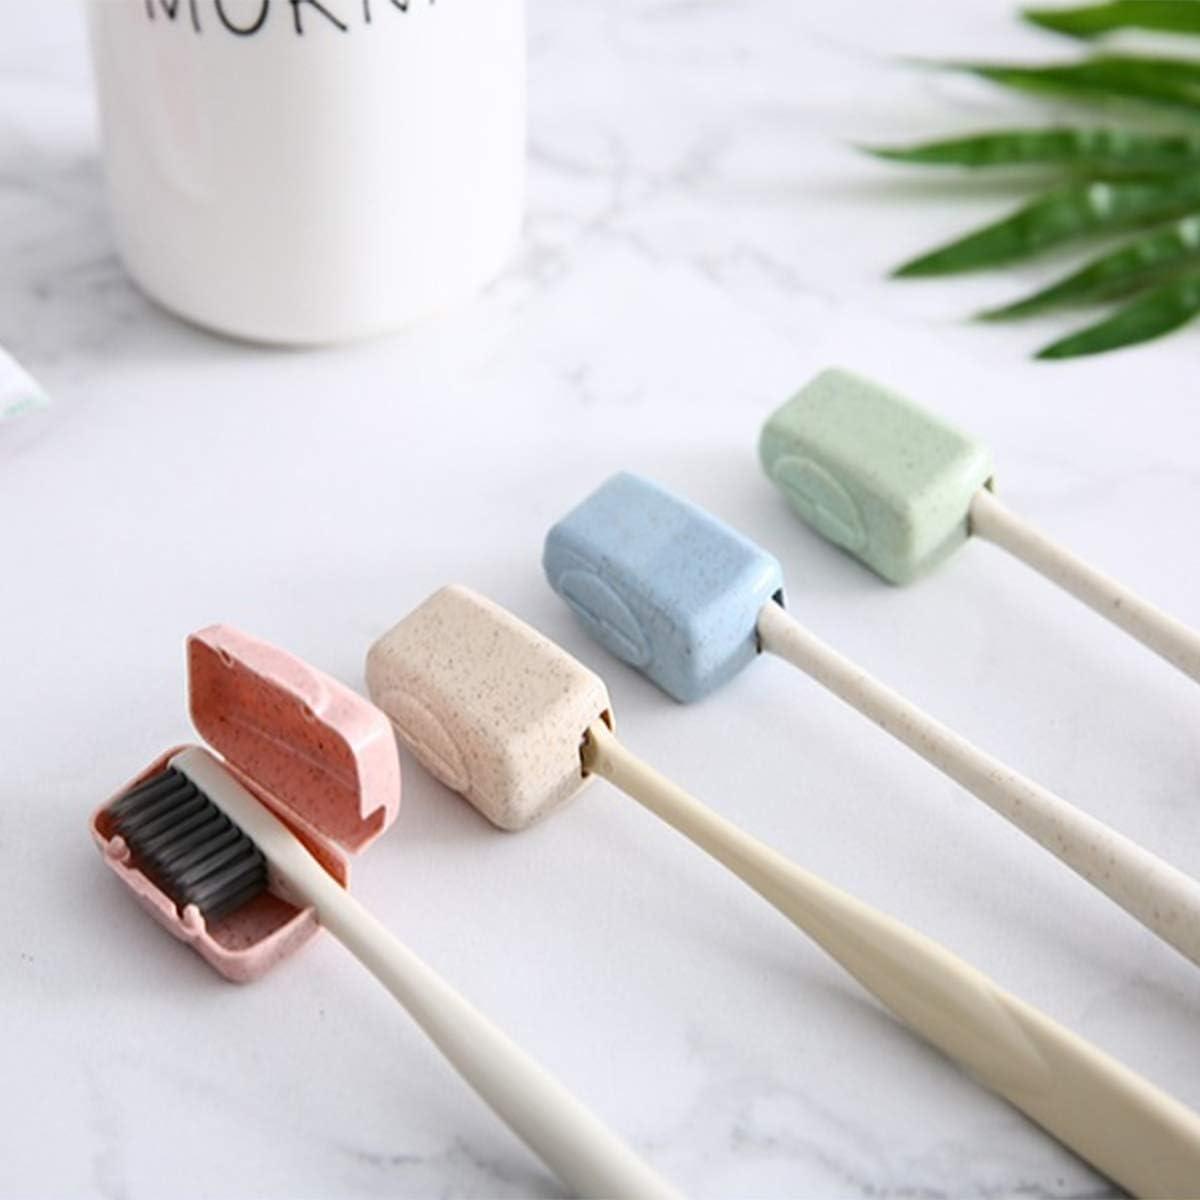 colorida Funda protectora para cepillo de dientes antipolvo 12 piezas KongJies funda protectora antibacteriana 3,5 x 1,5 x 2 cm